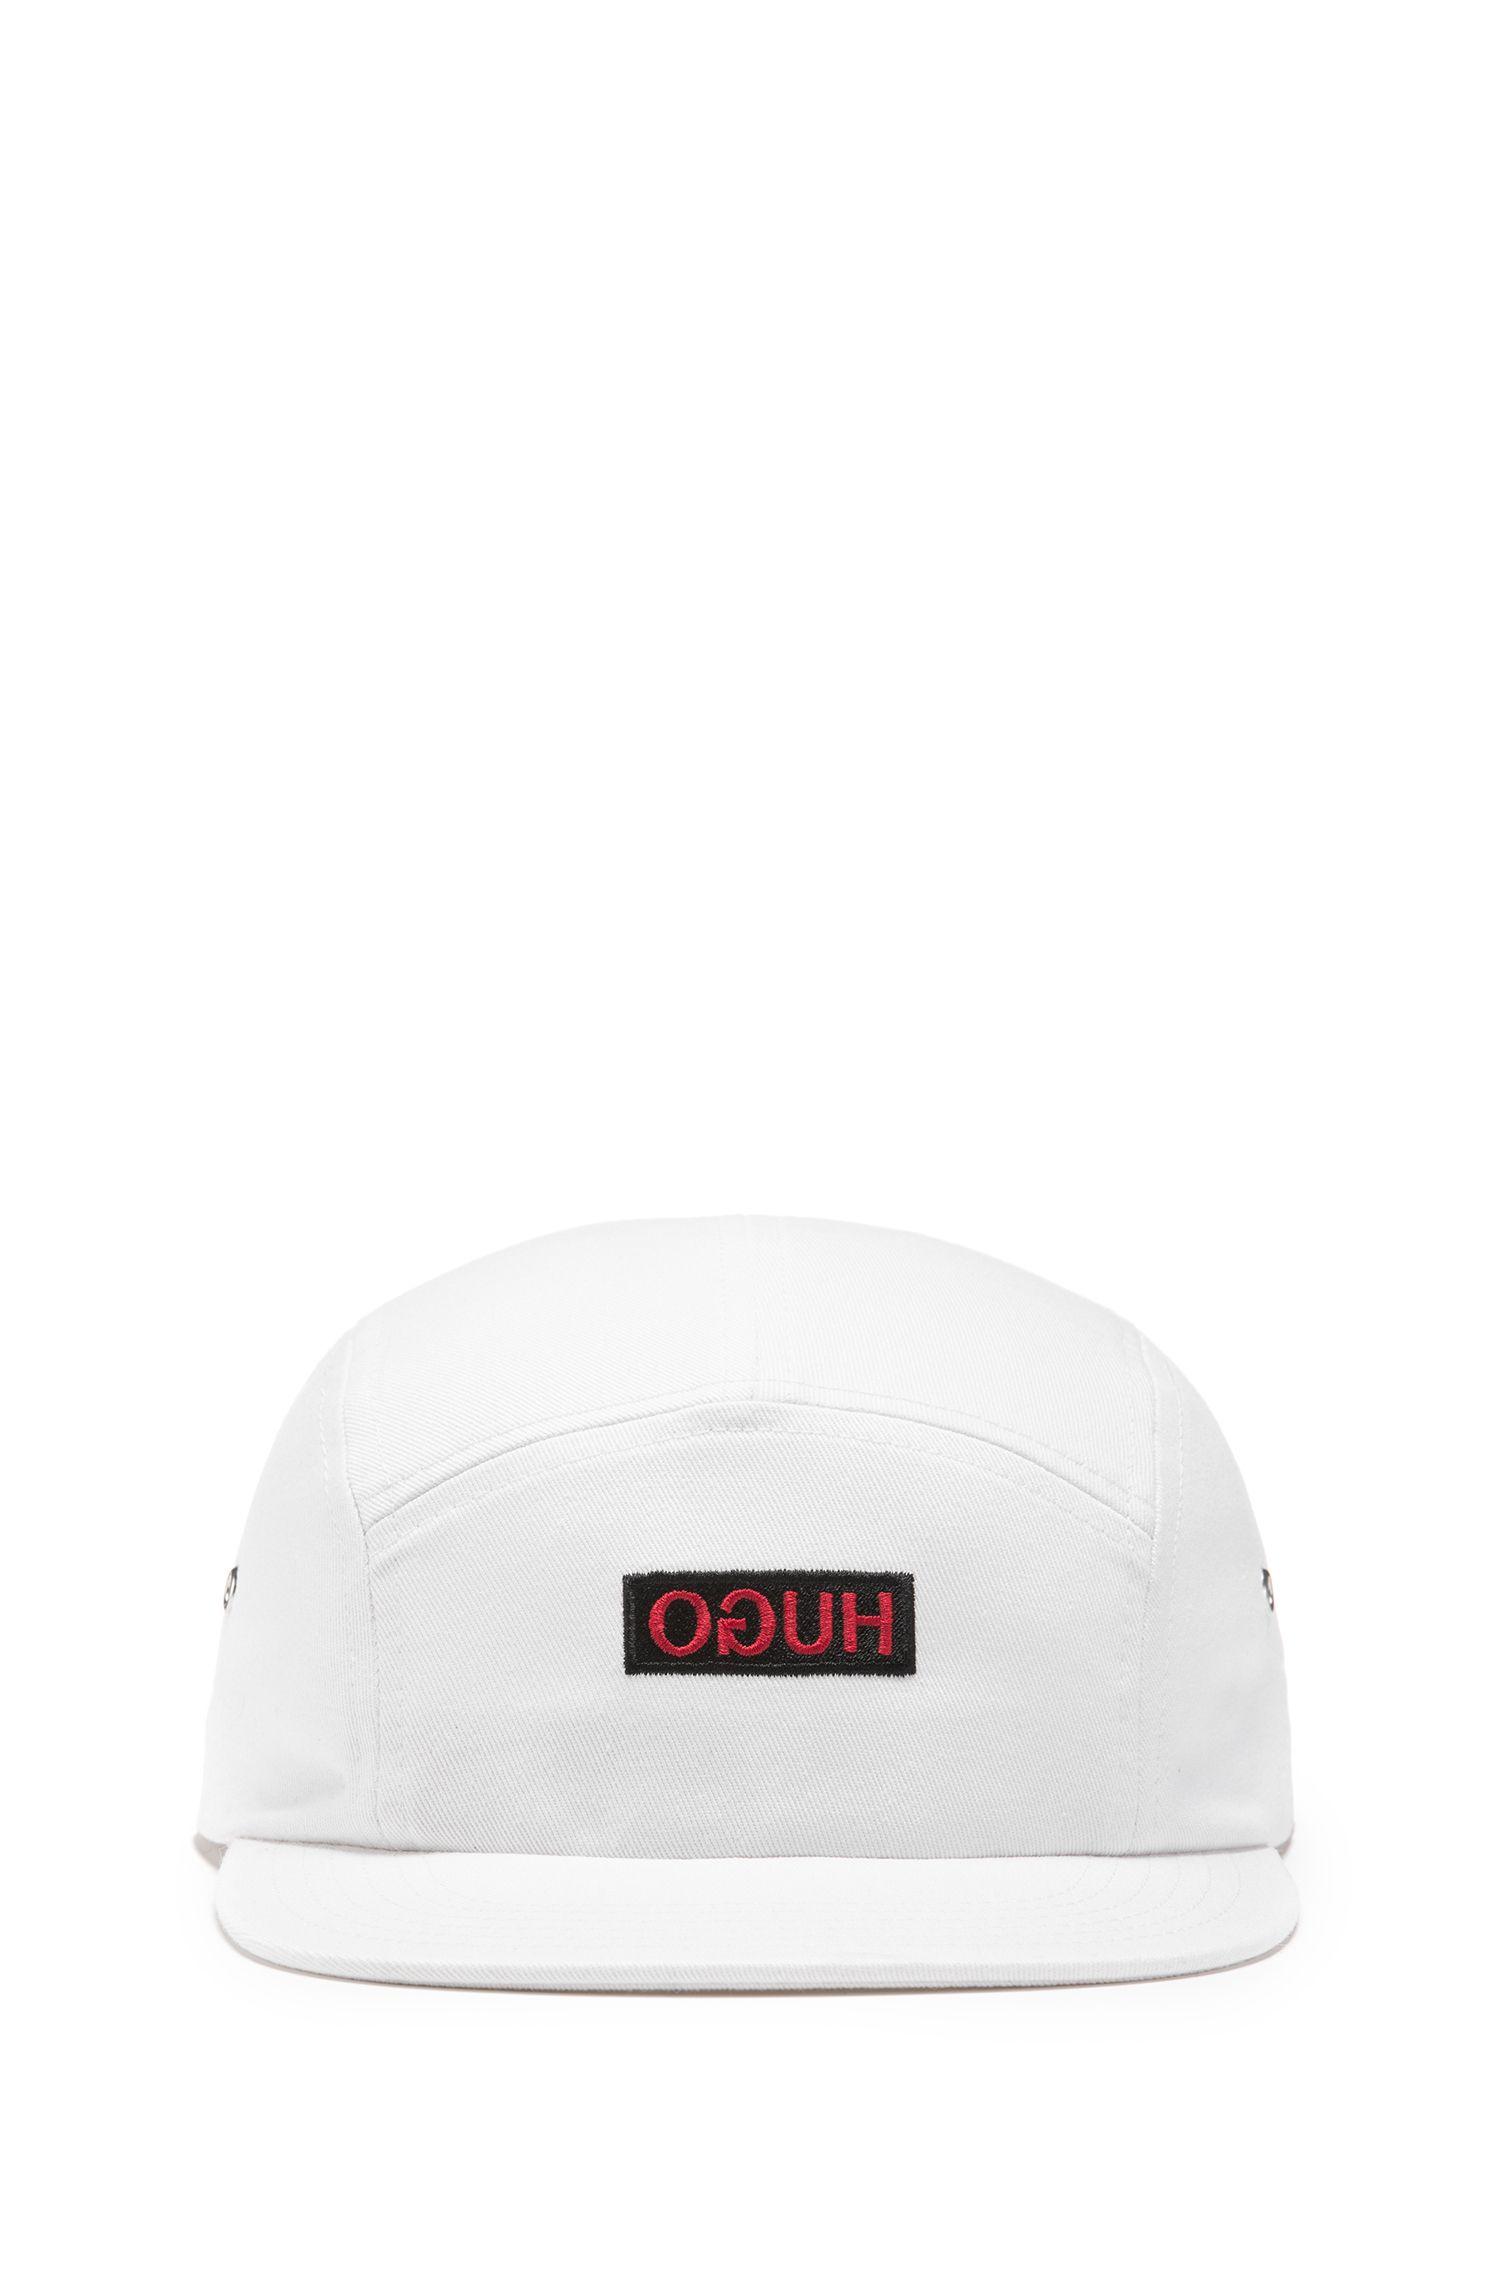 Unisex-Cap aus Baumwoll-Twill mit spiegelverkehrtem Logo, Weiß